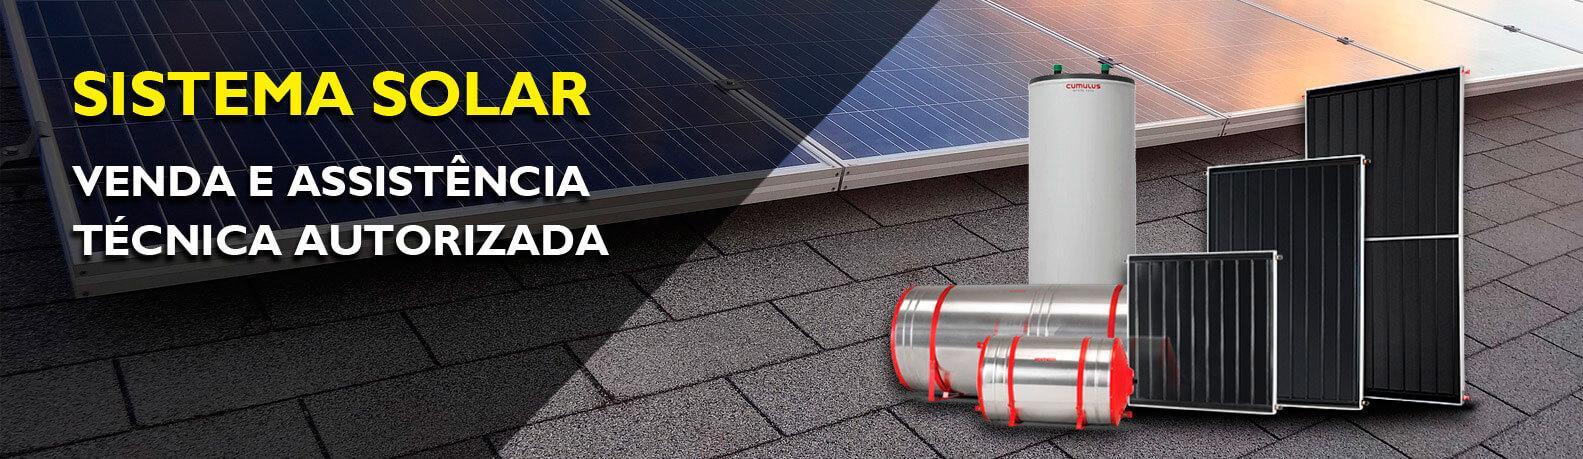 sistema solar, venda e assistência técnica autorizada